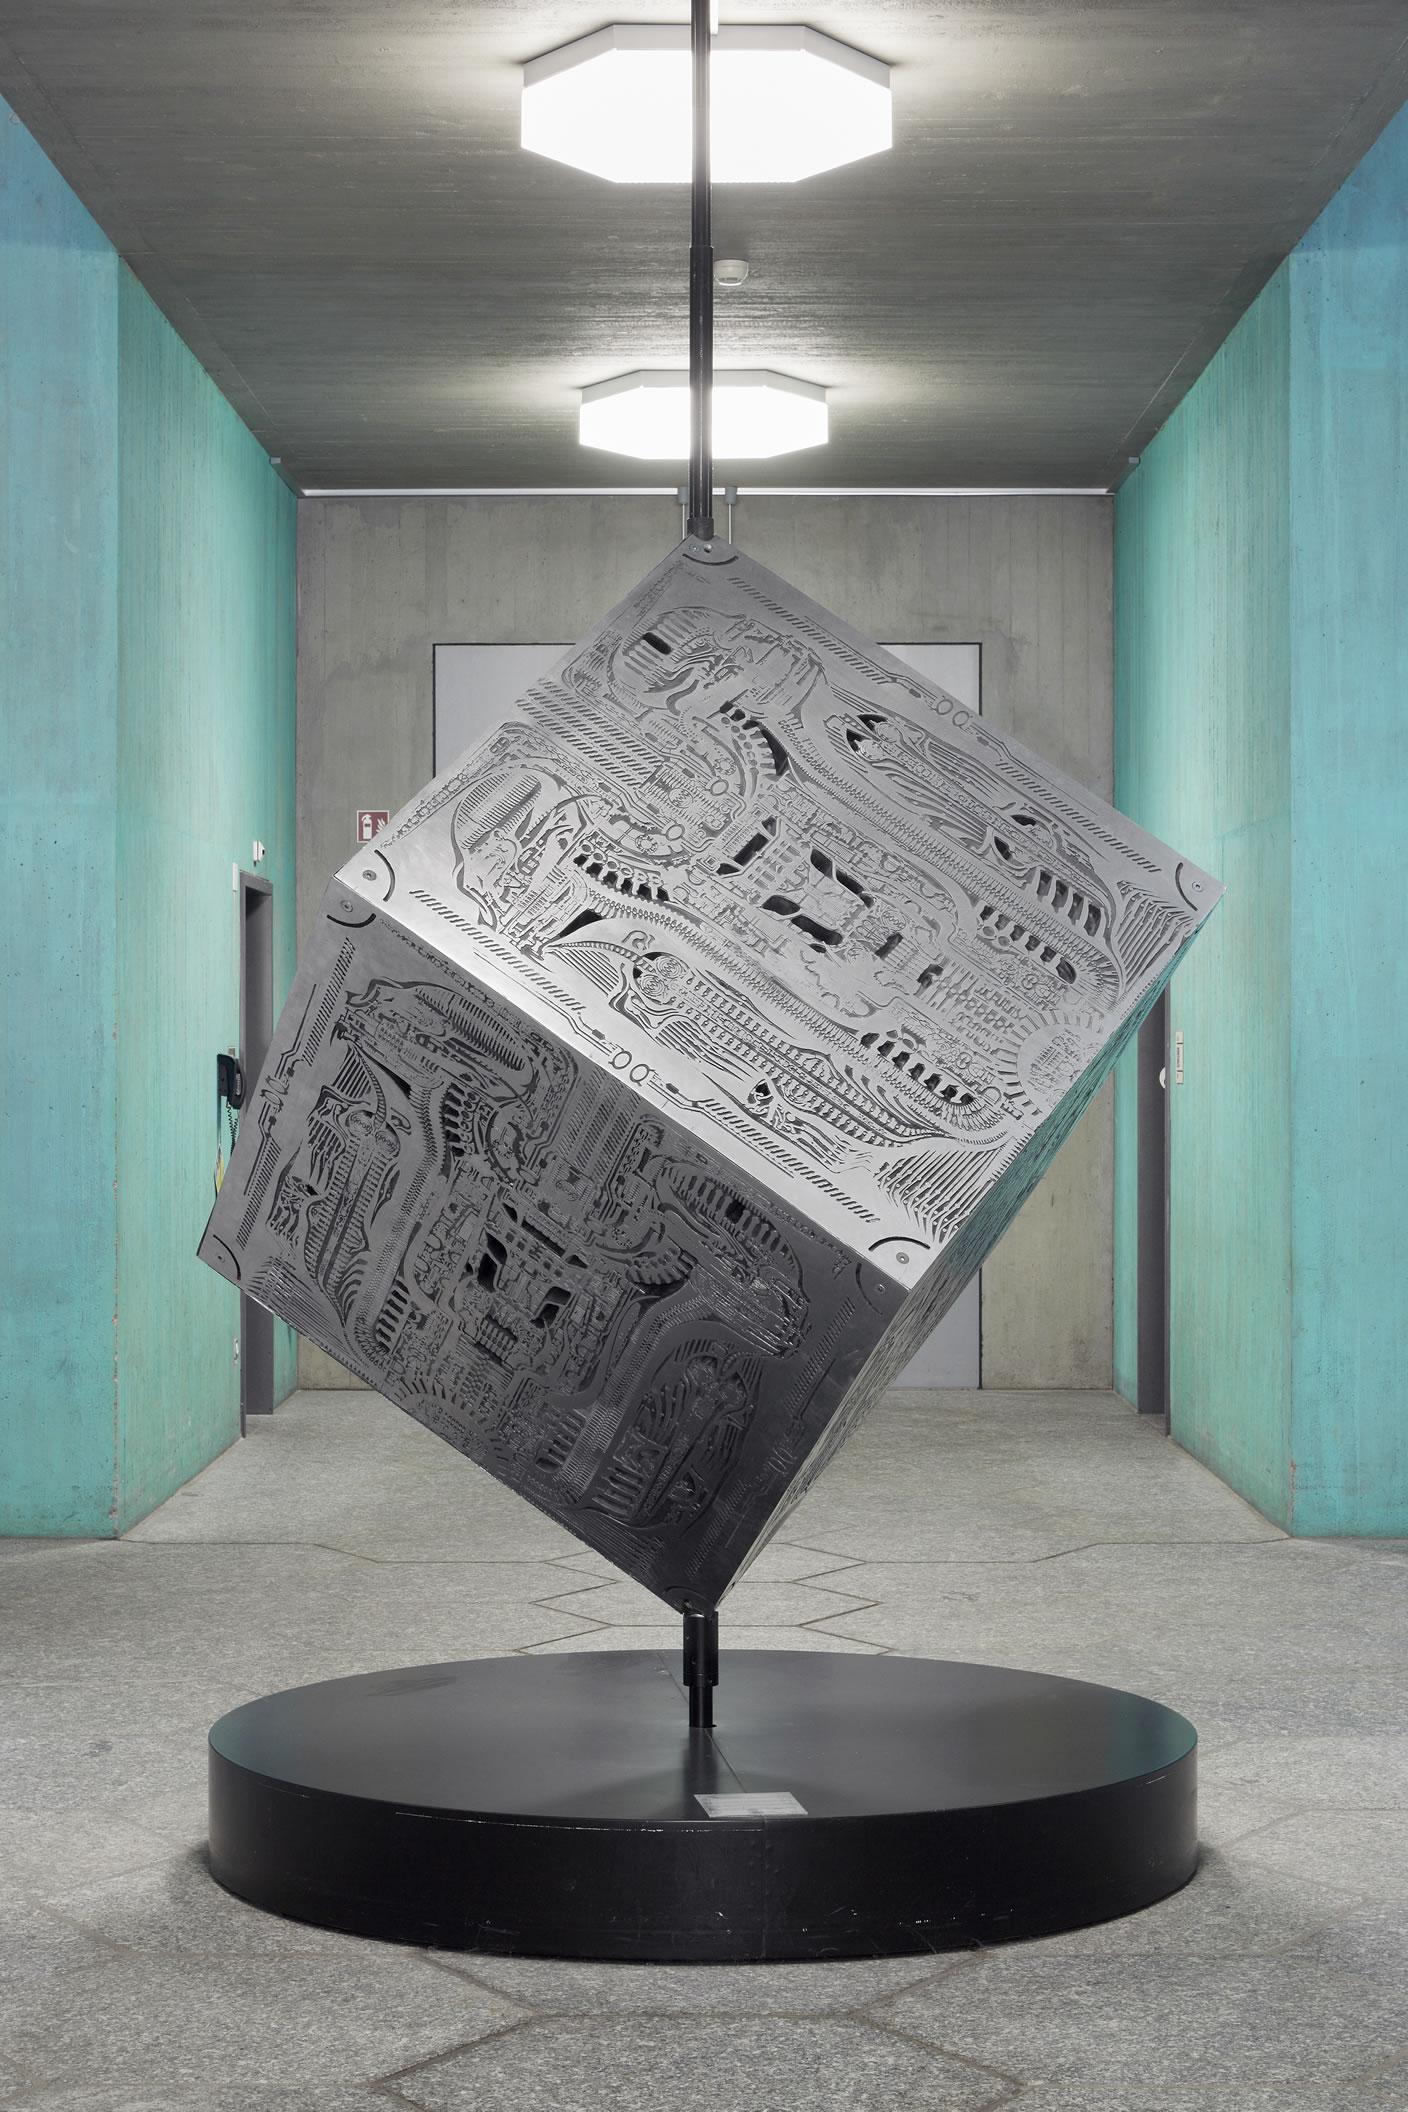 Biomechanoid Cube, 2002